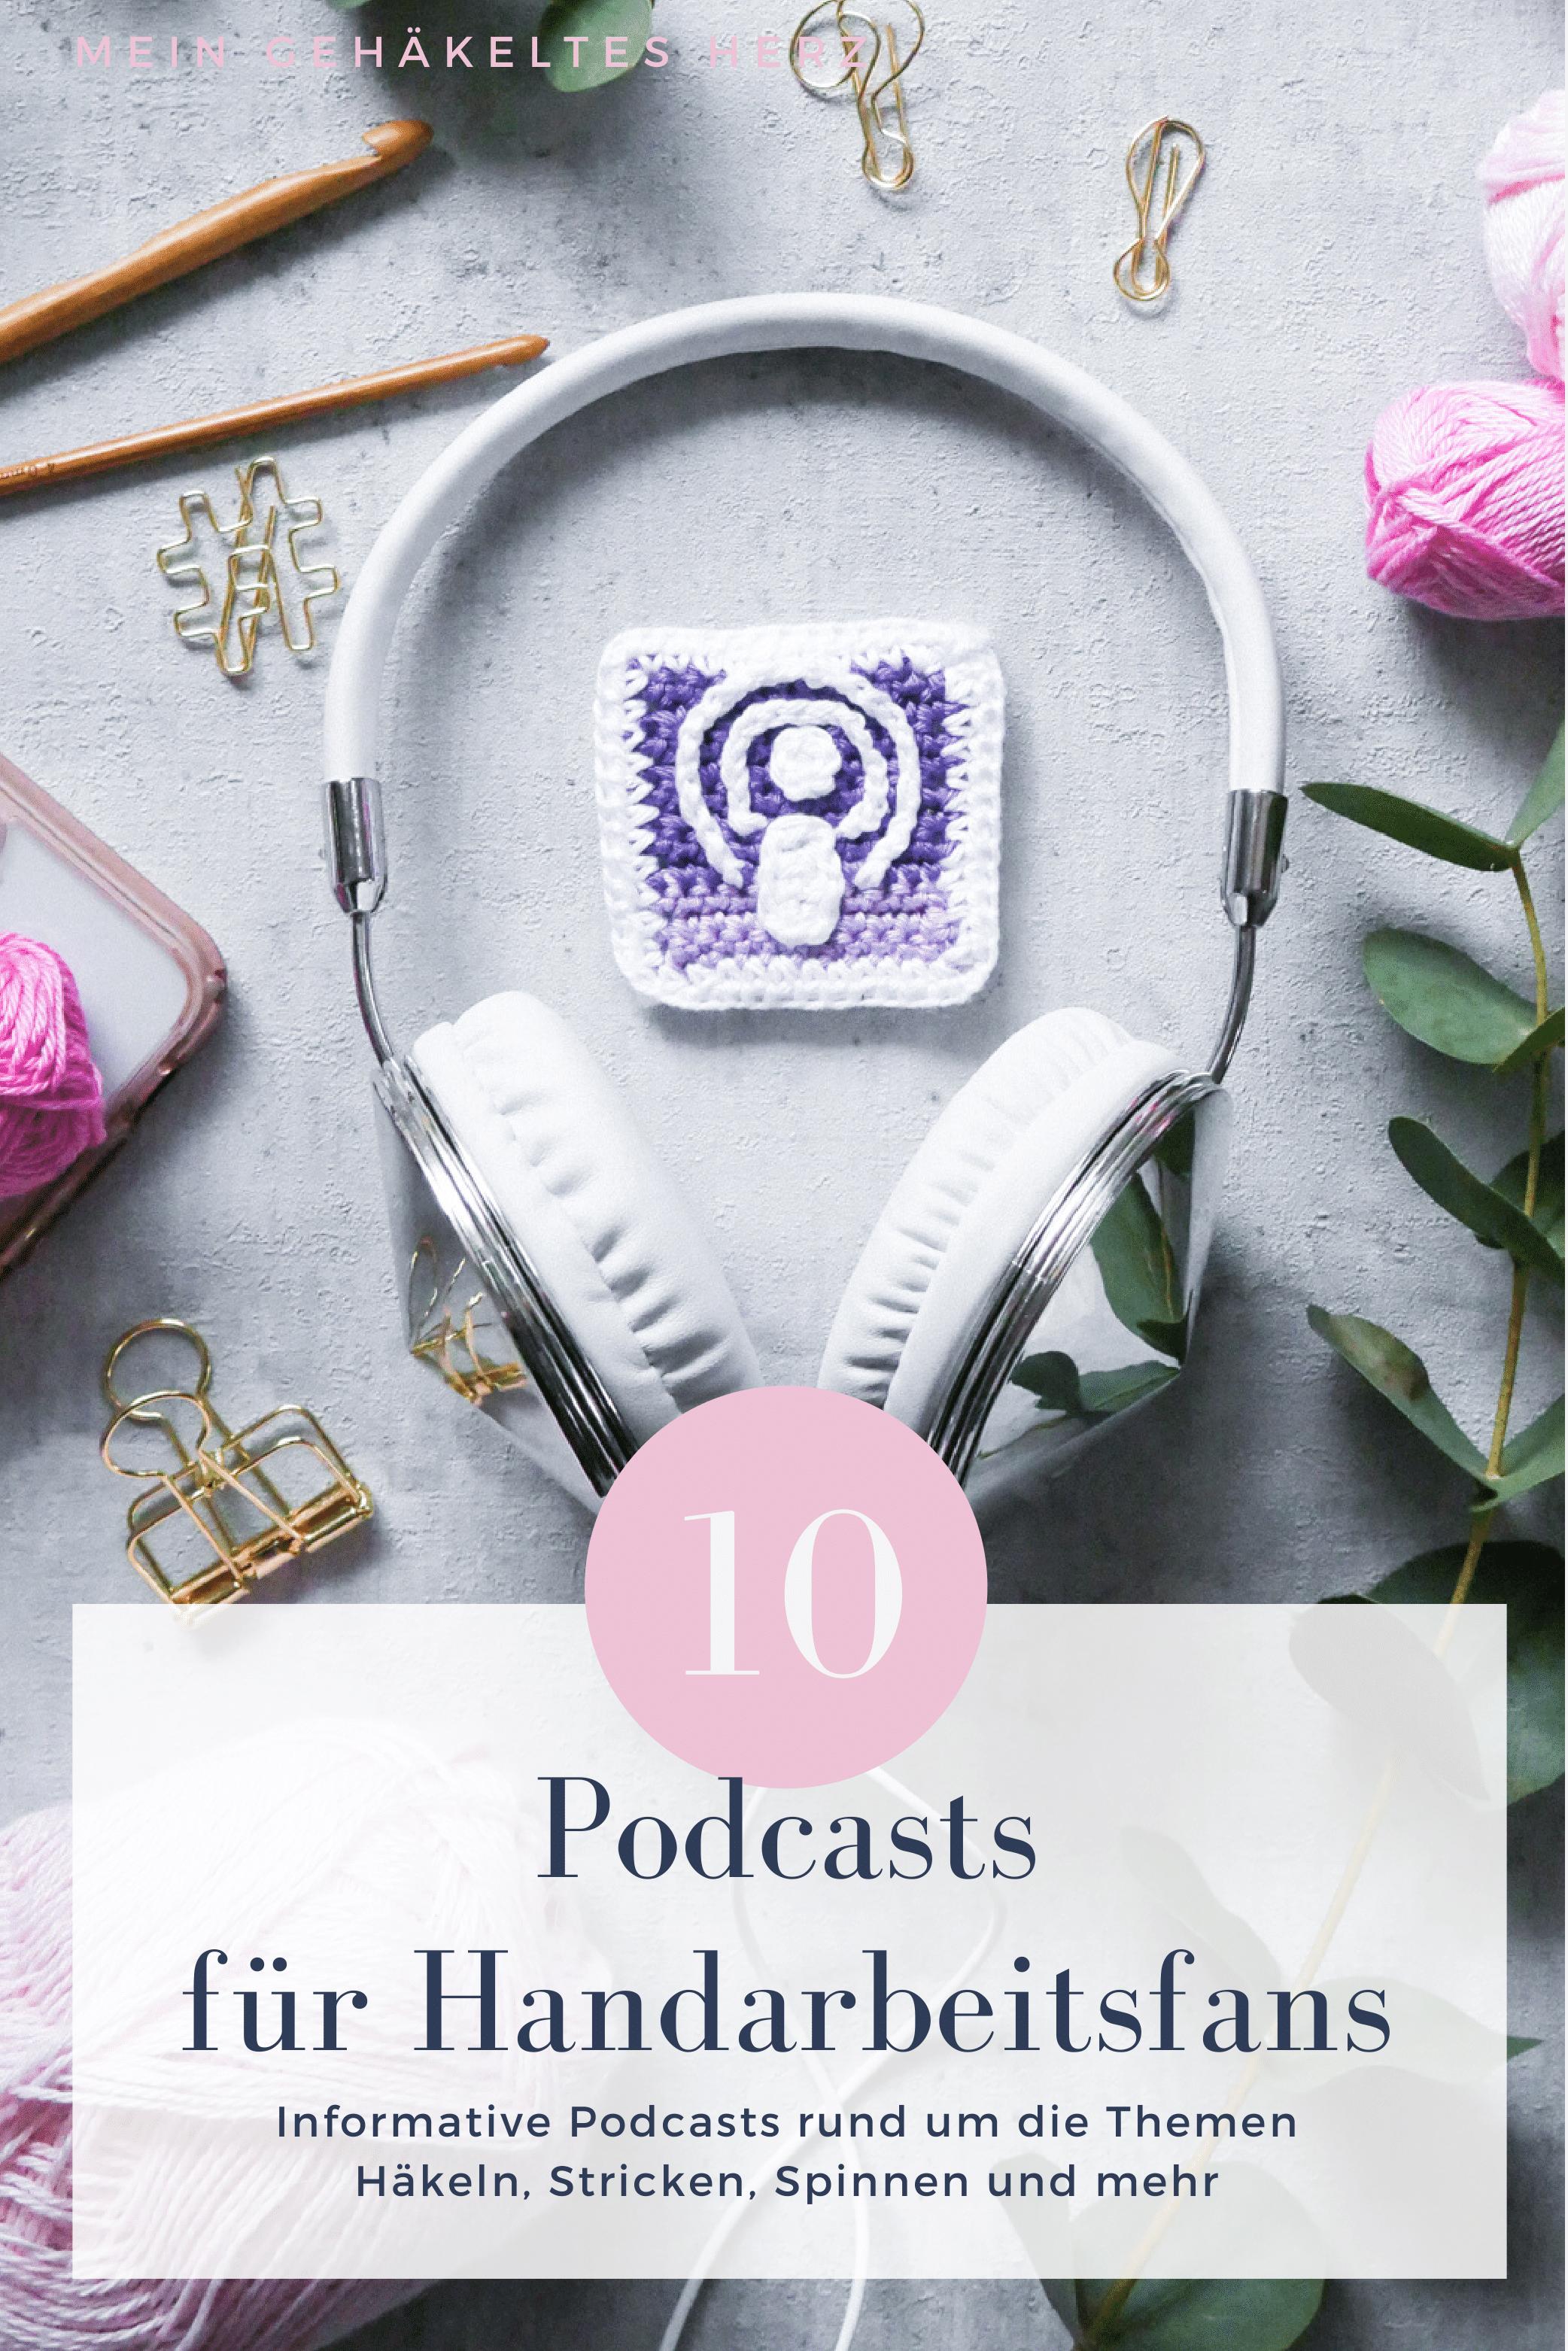 Podcast-Shows für Kreative